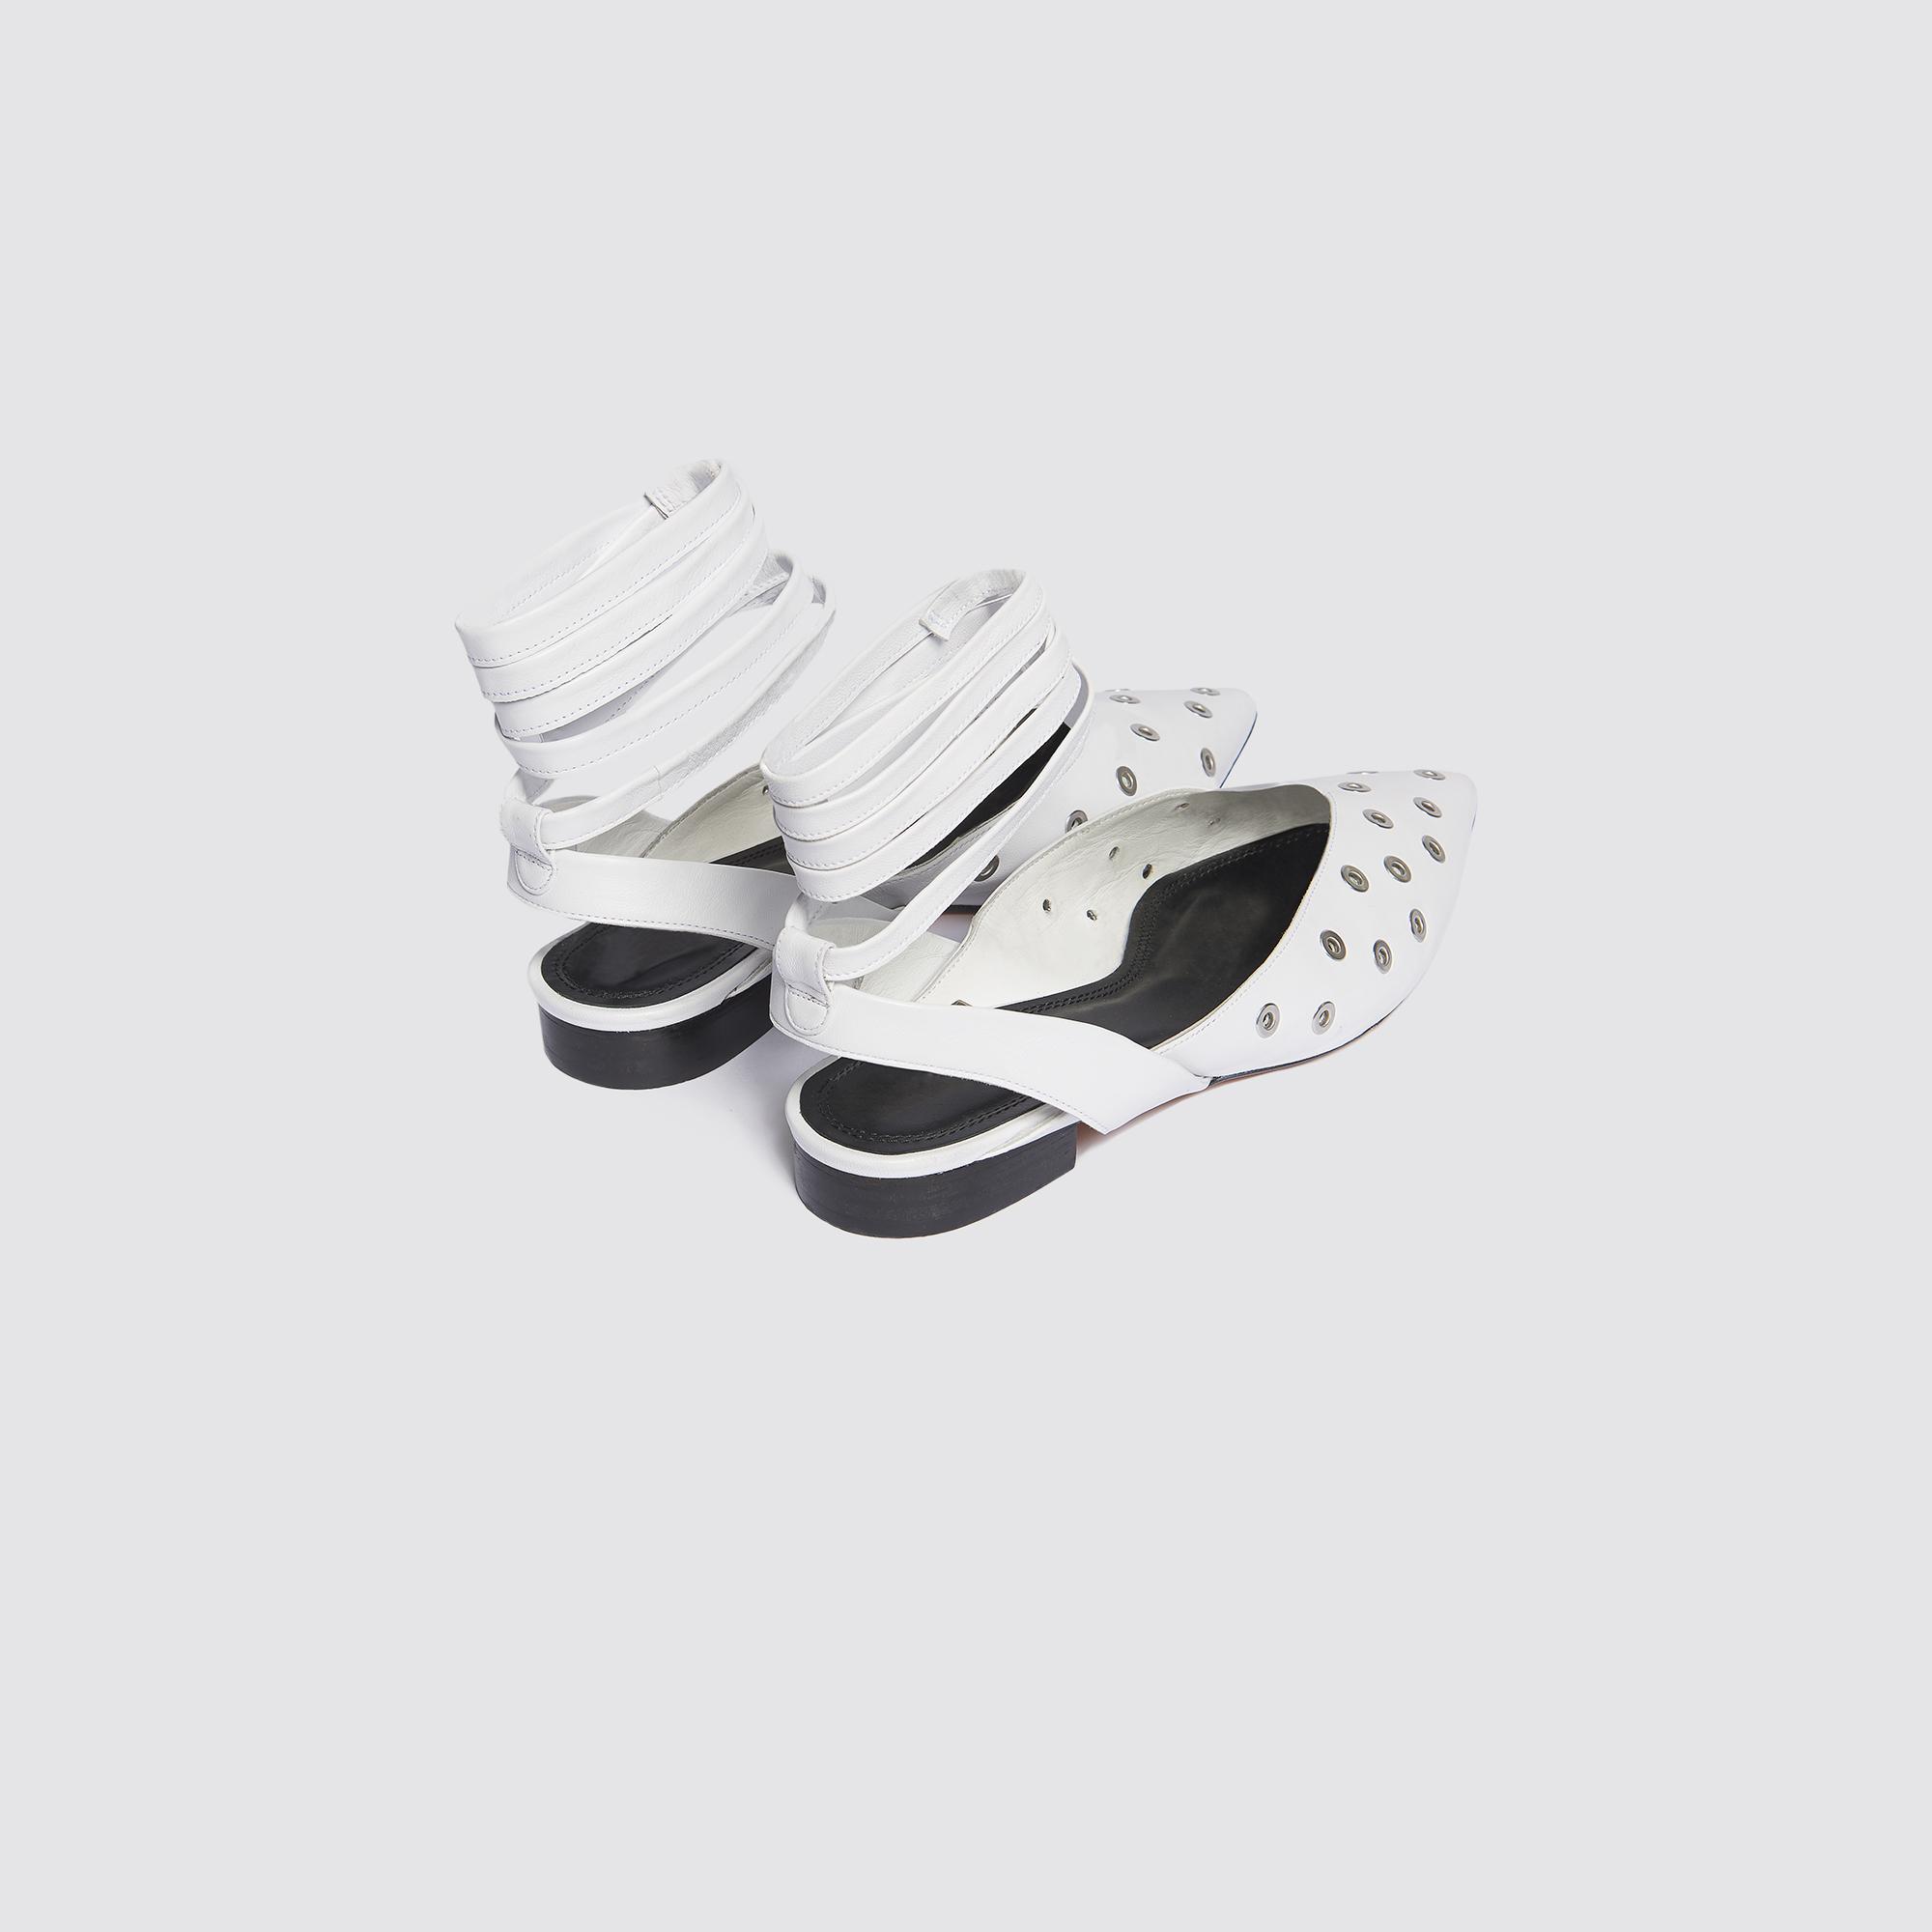 Ballerine a punta con occhielli : Tutte le Scarpe colore Bianco